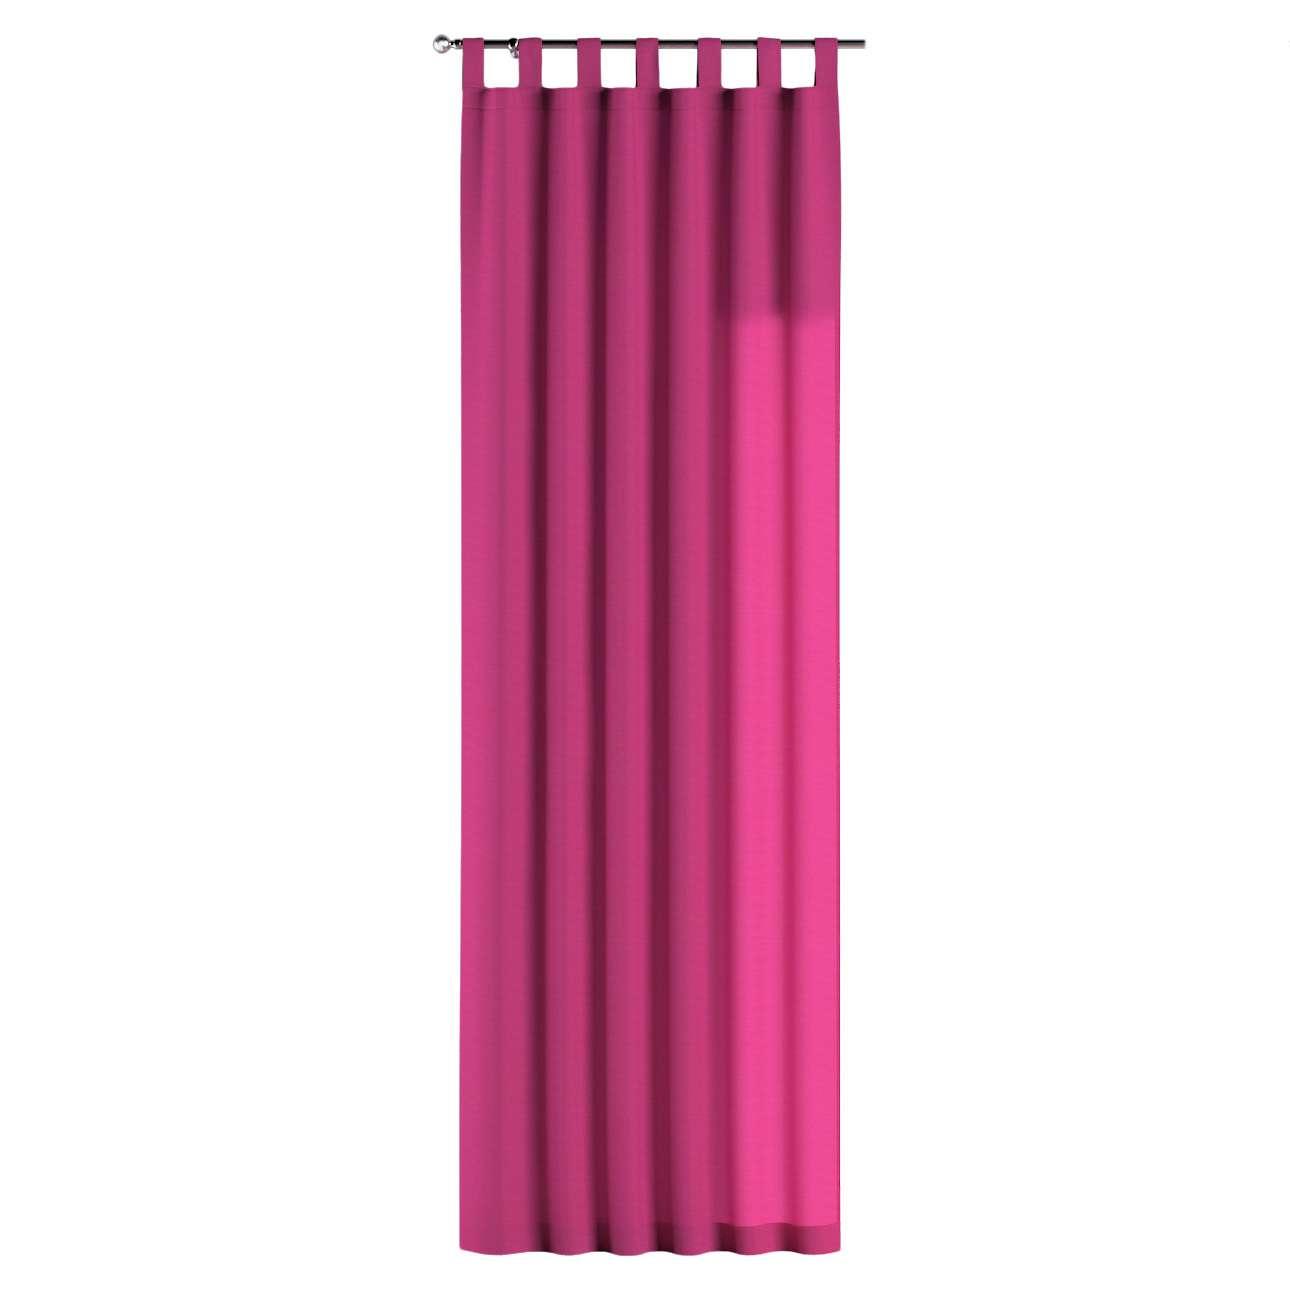 Zasłona na szelkach 1 szt. 1szt 130x260 cm w kolekcji Loneta, tkanina: 133-60